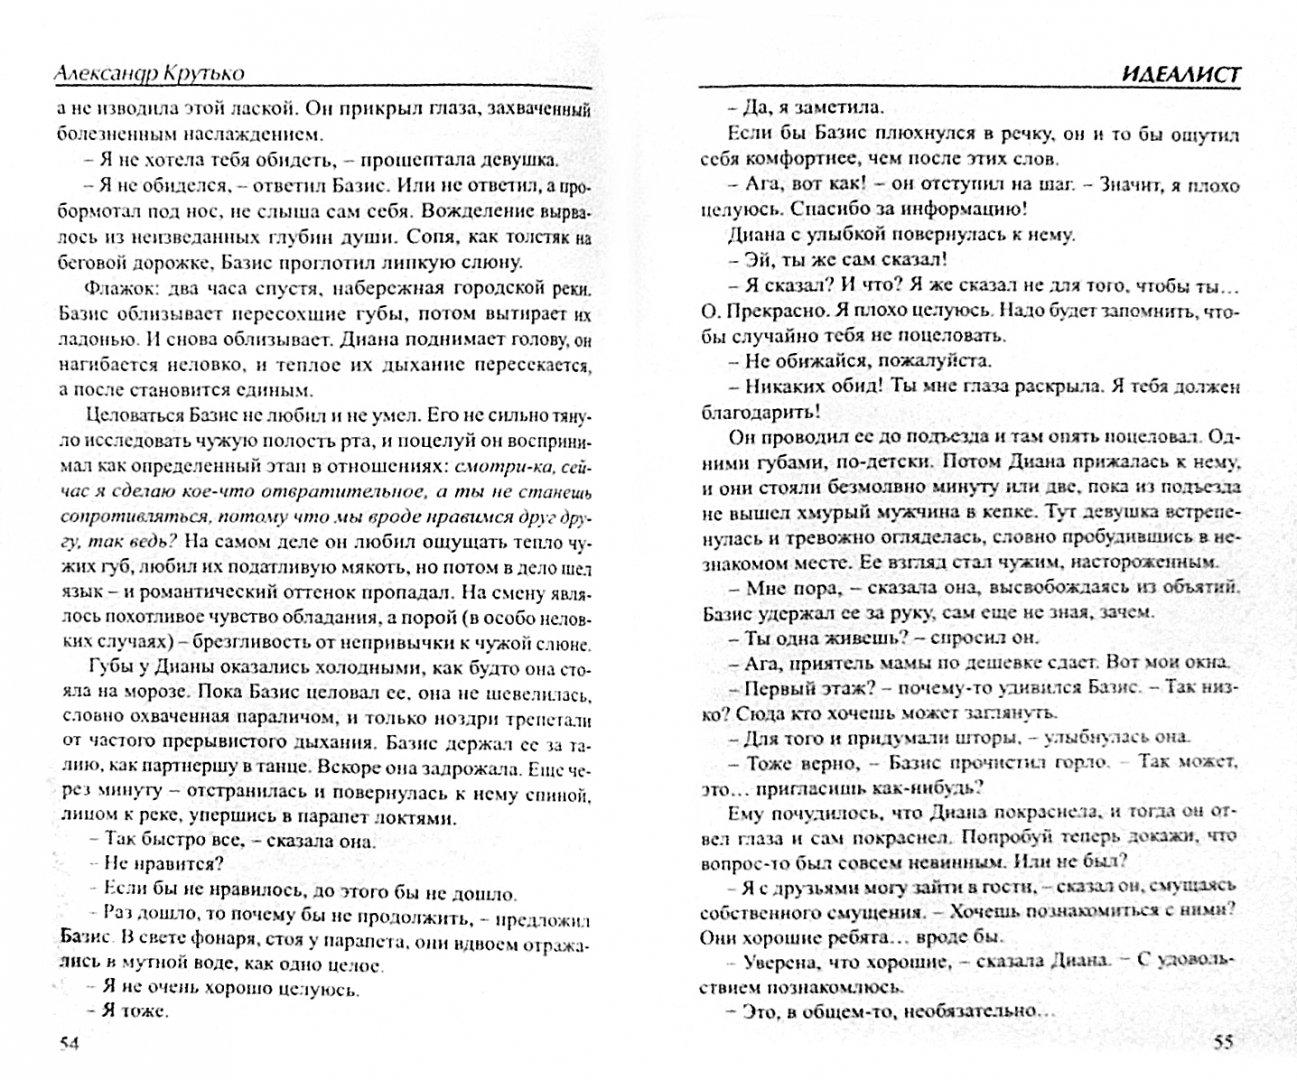 Иллюстрация 1 из 18 для Идеалист - Александр Крутько | Лабиринт - книги. Источник: Лабиринт